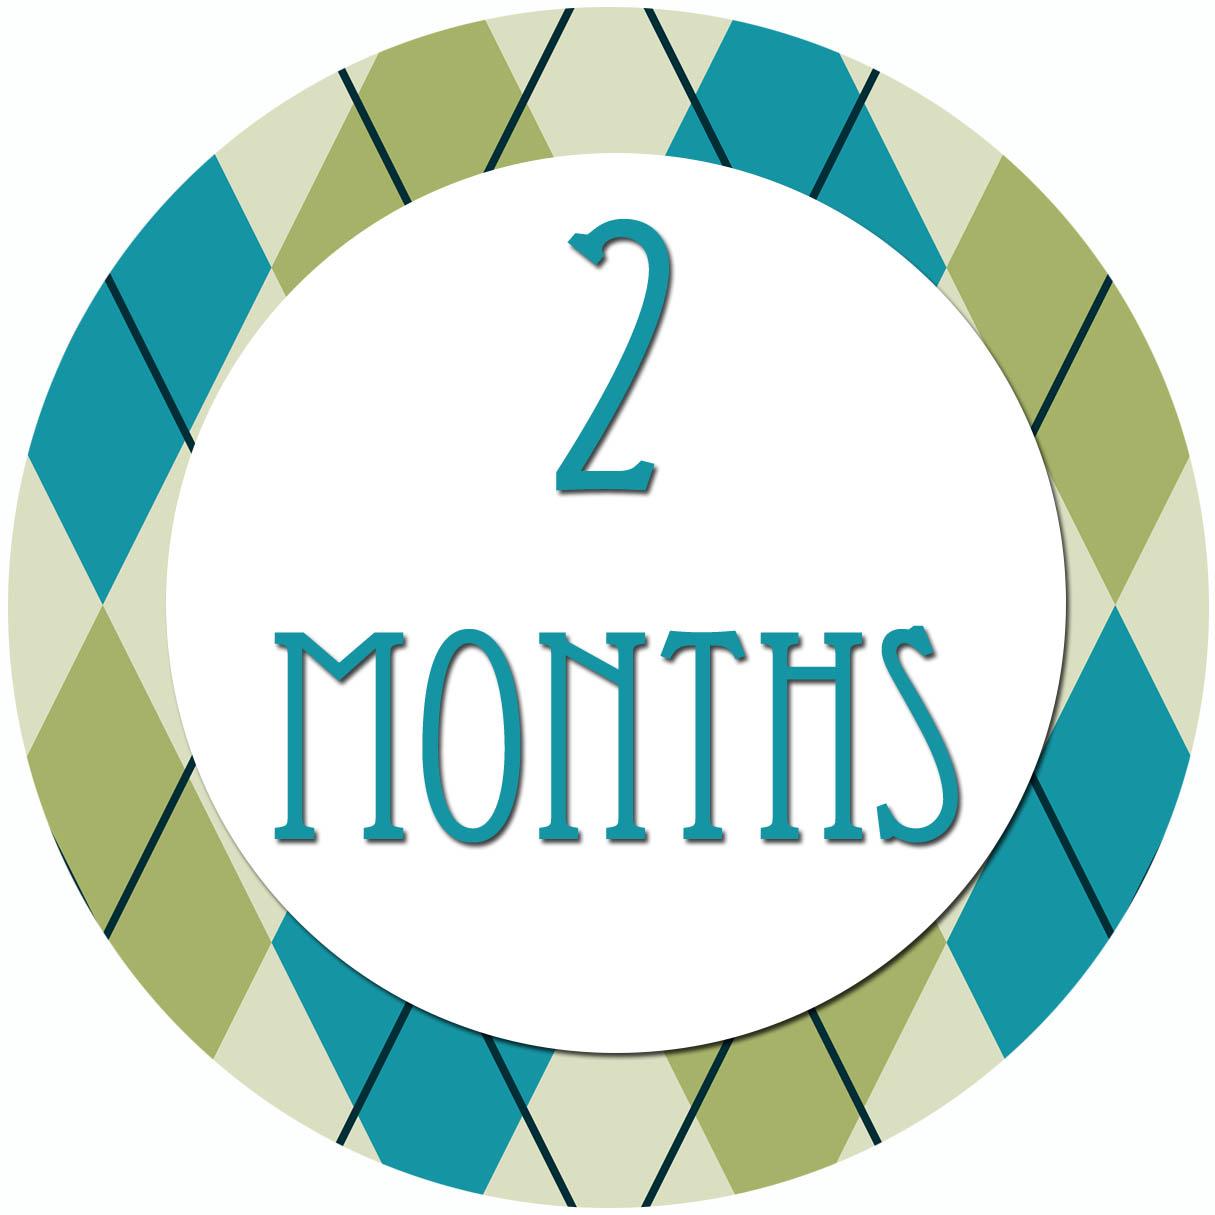 2 Months Clipart.